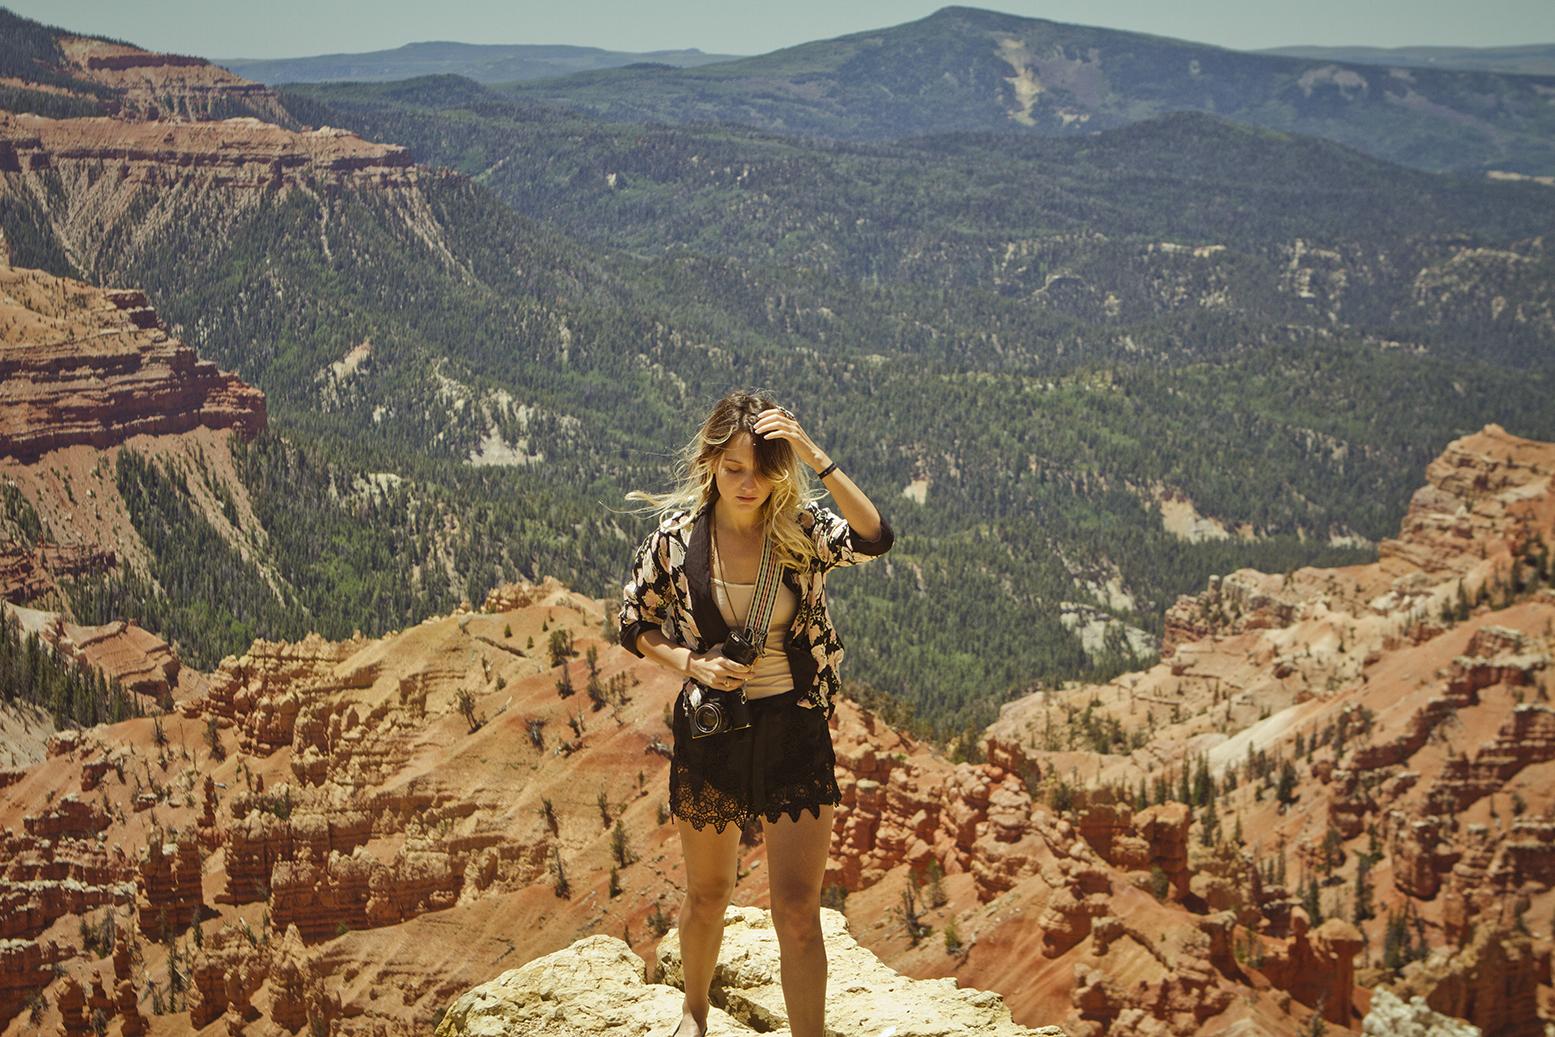 Rhodes Wedding Co Bryce Canyon 04